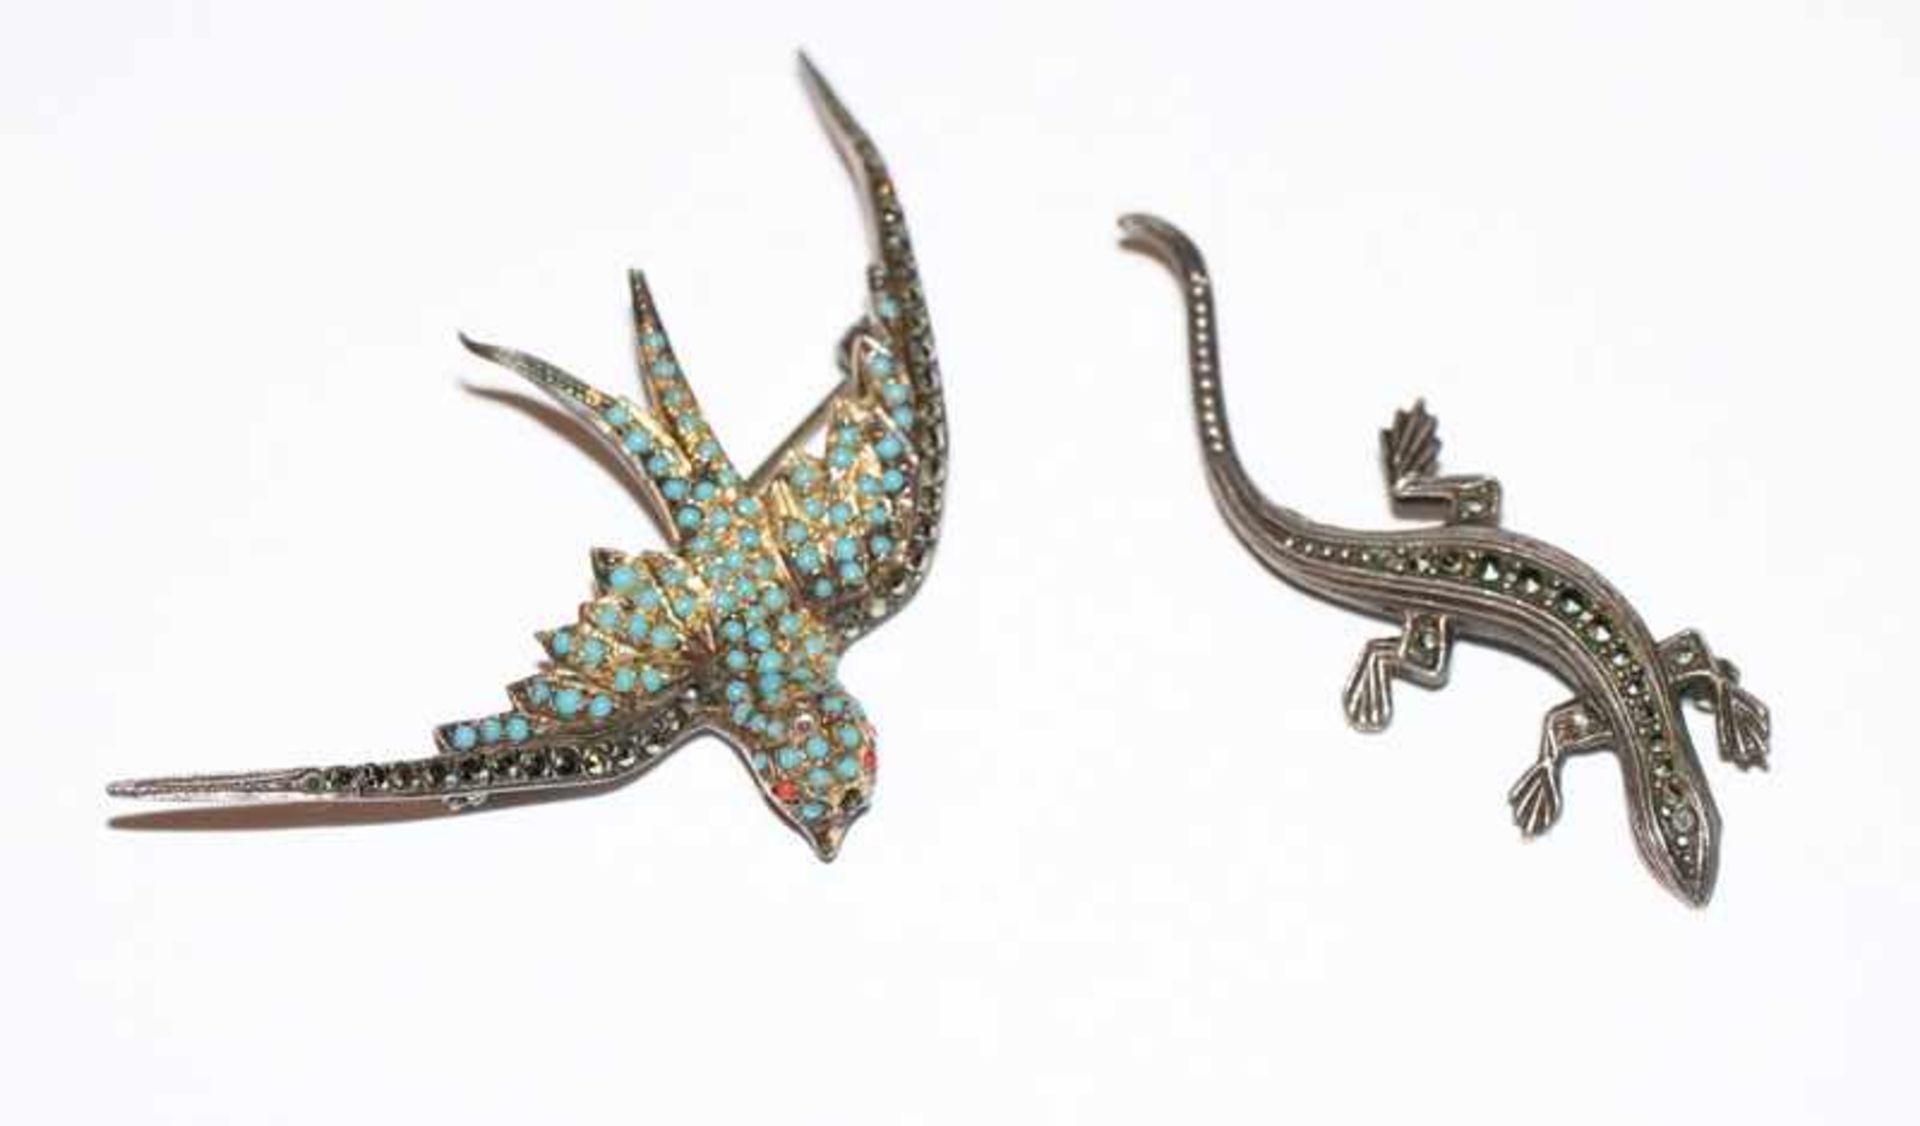 Los 3 - 2 Silber Tierbroschen 'Schwalbe', B 6 cm, und 'Echse', B 5 cm, teils fehlen Steine